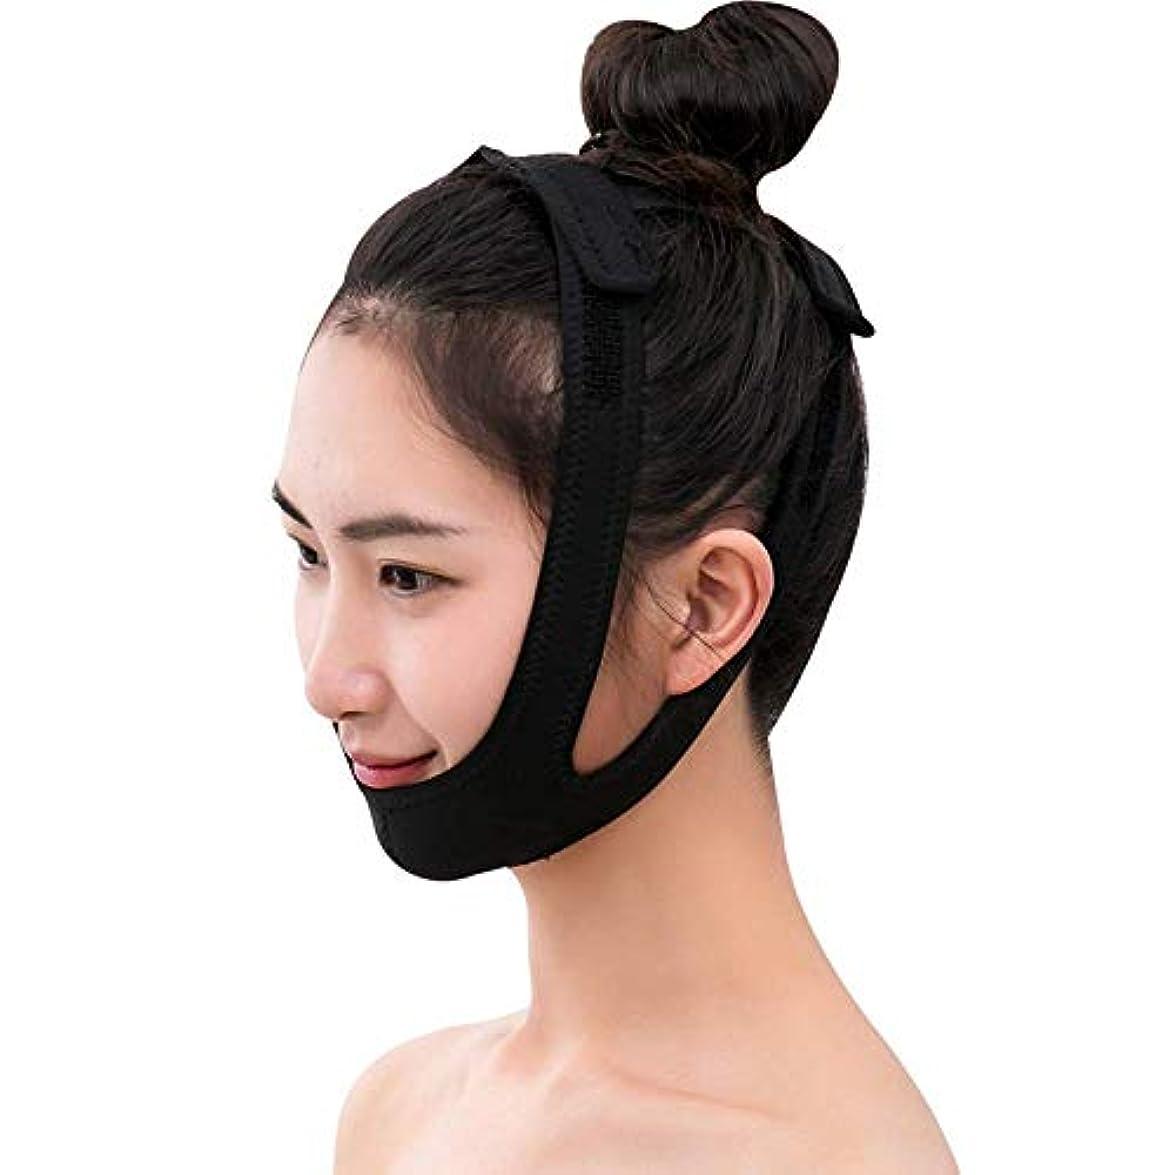 最大化する州楽観的薄い顔のバンド薄い顔の包帯の美の器械の顔の上昇の睡眠のマスクは法律Vのマスクを通気性にするために